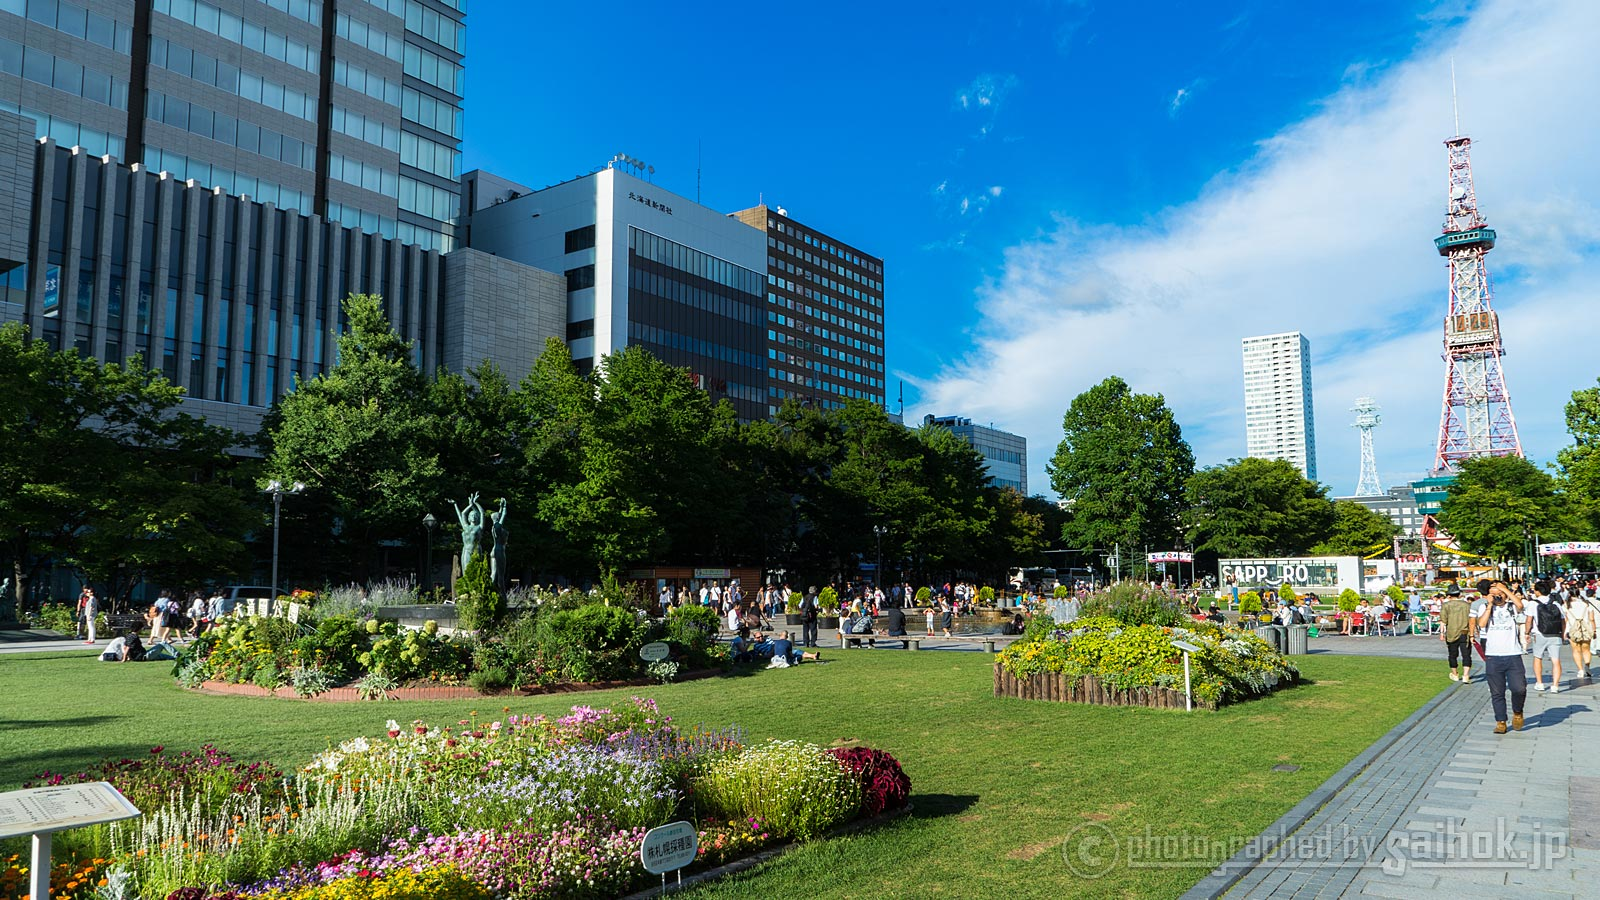 夏もイベント盛りだくさん!札幌の中心を貫く「大通公園」